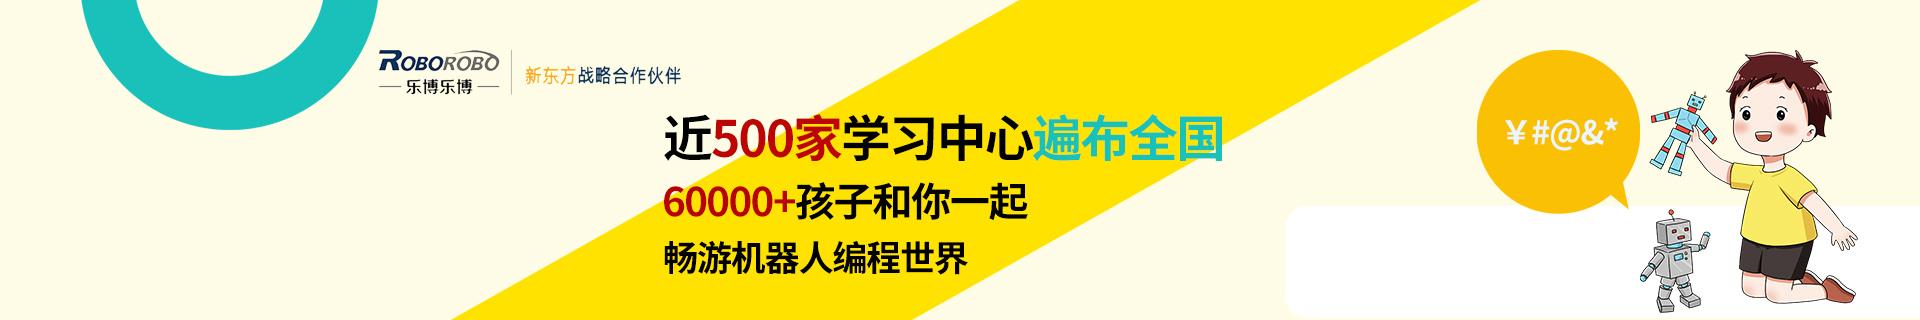 广州番禺区市桥街乐博乐博少儿编程